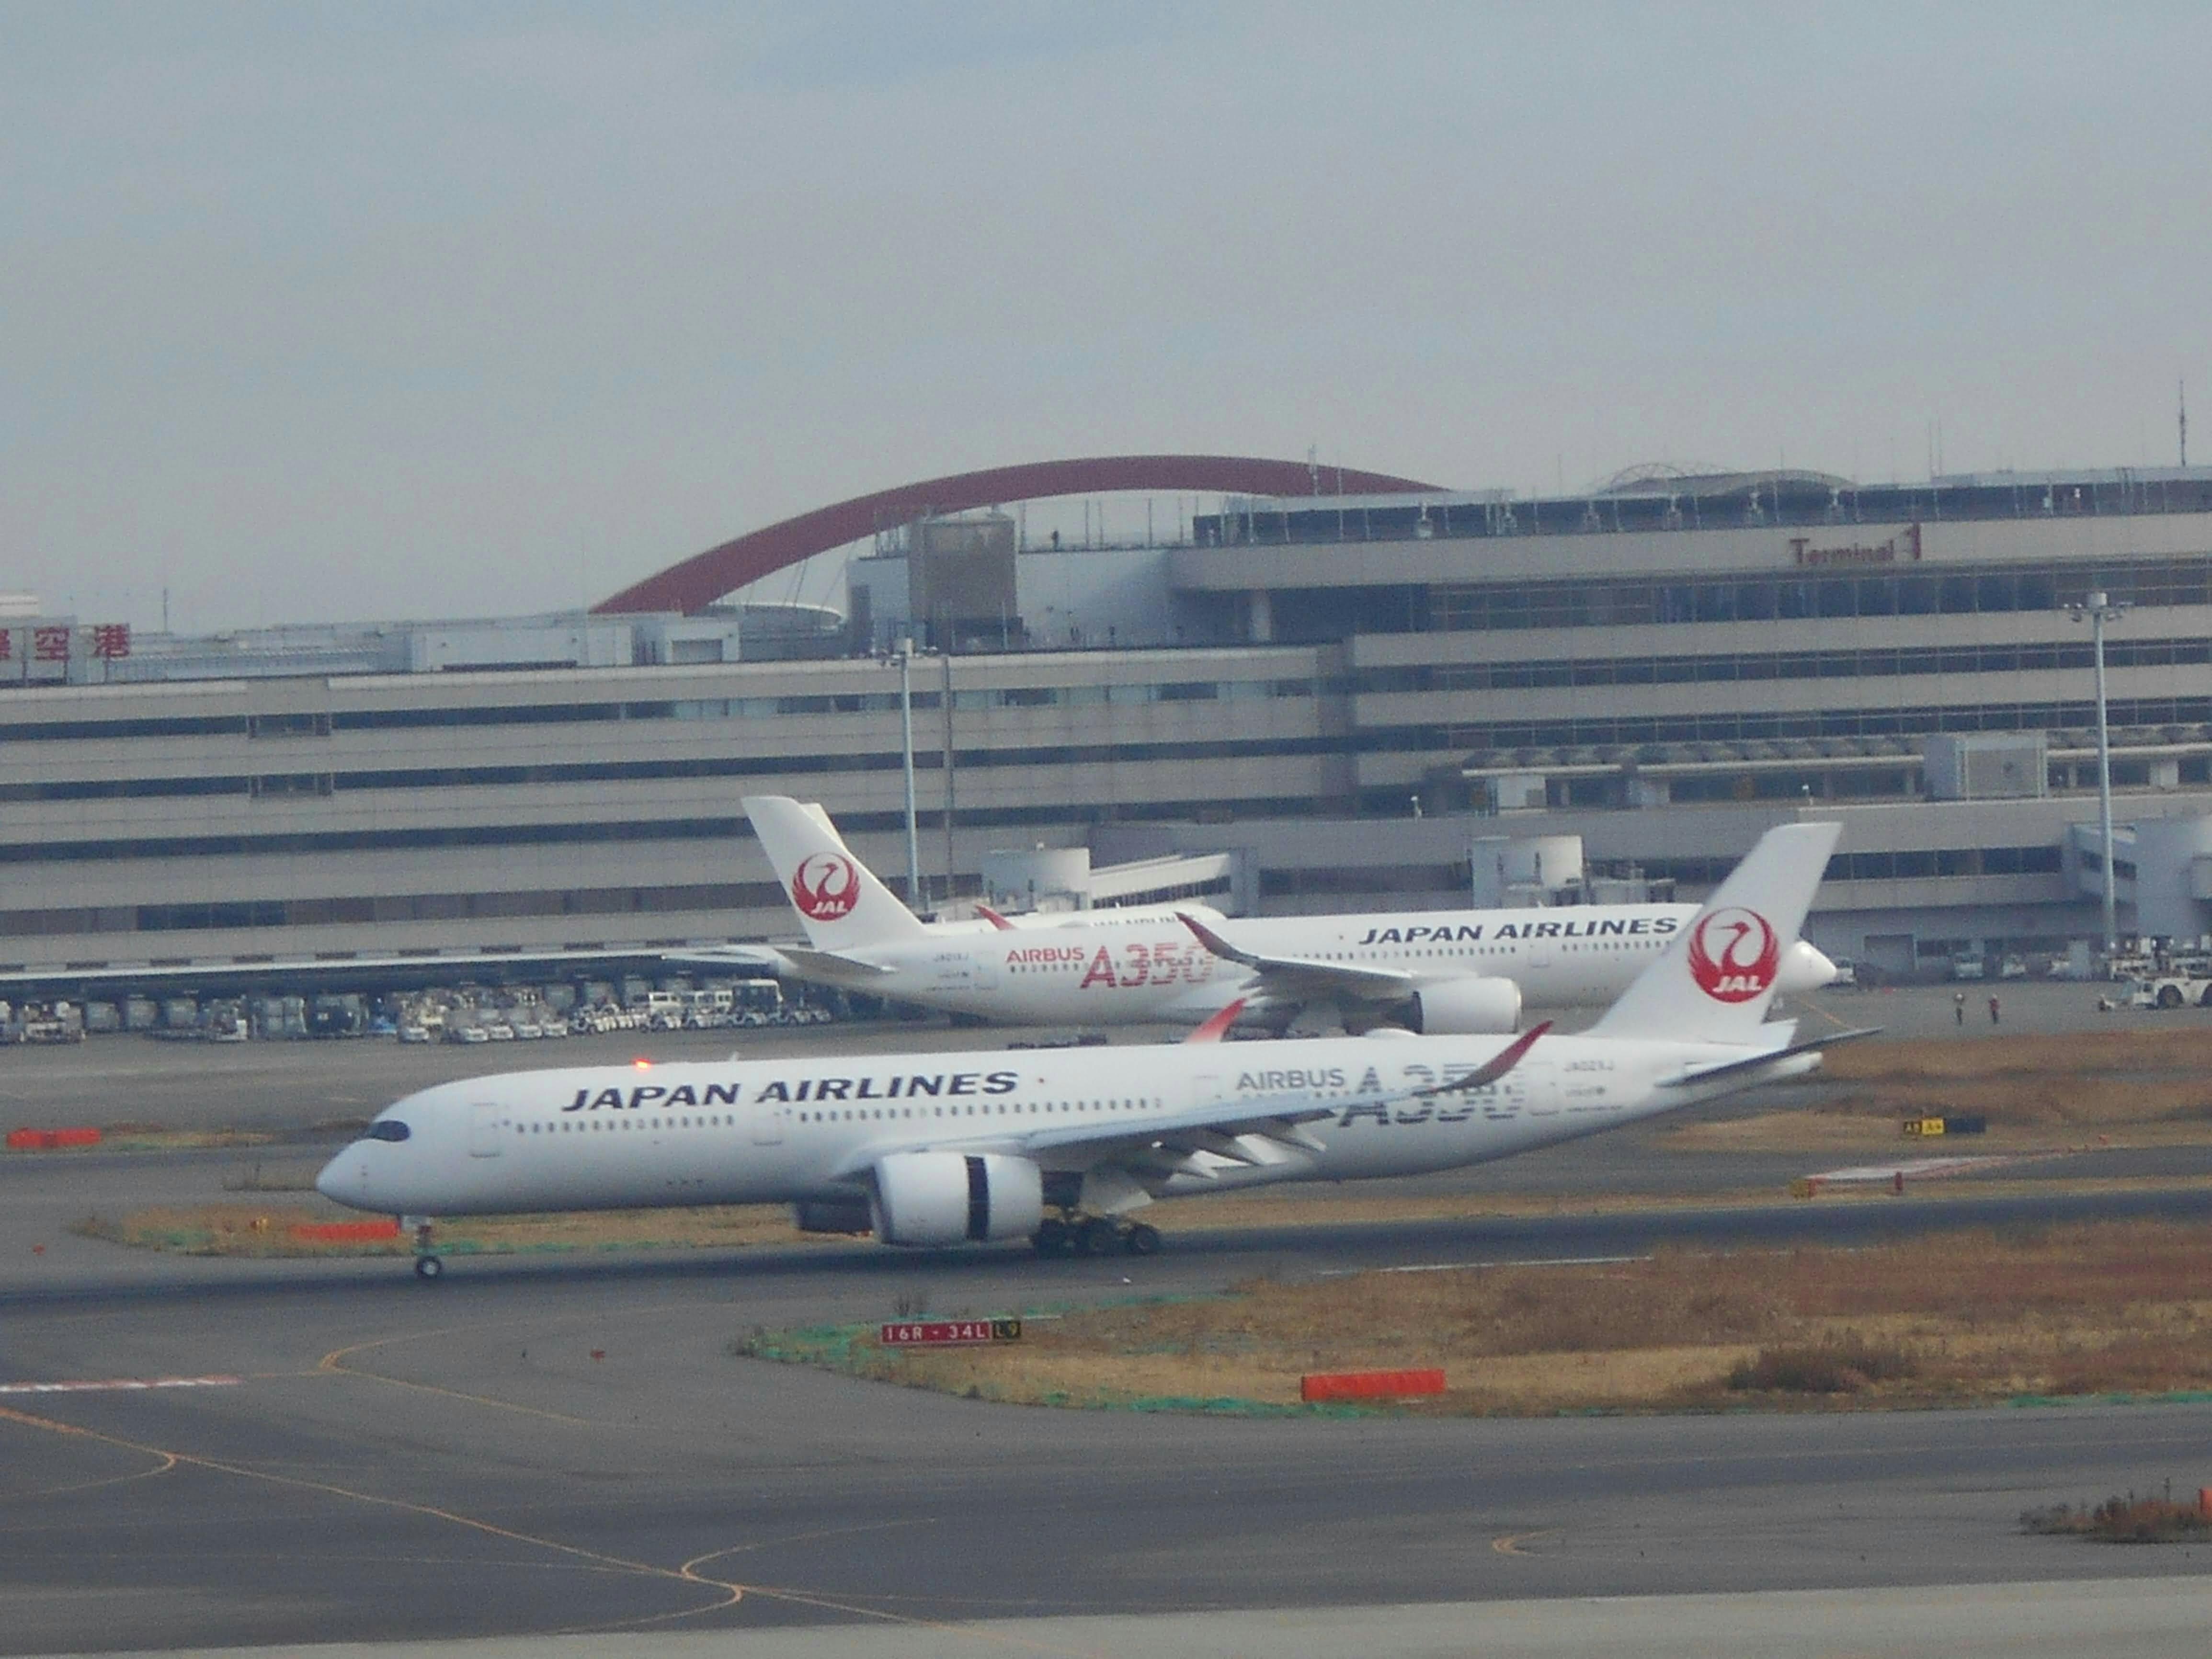 f:id:A350-900:20210109210549j:image